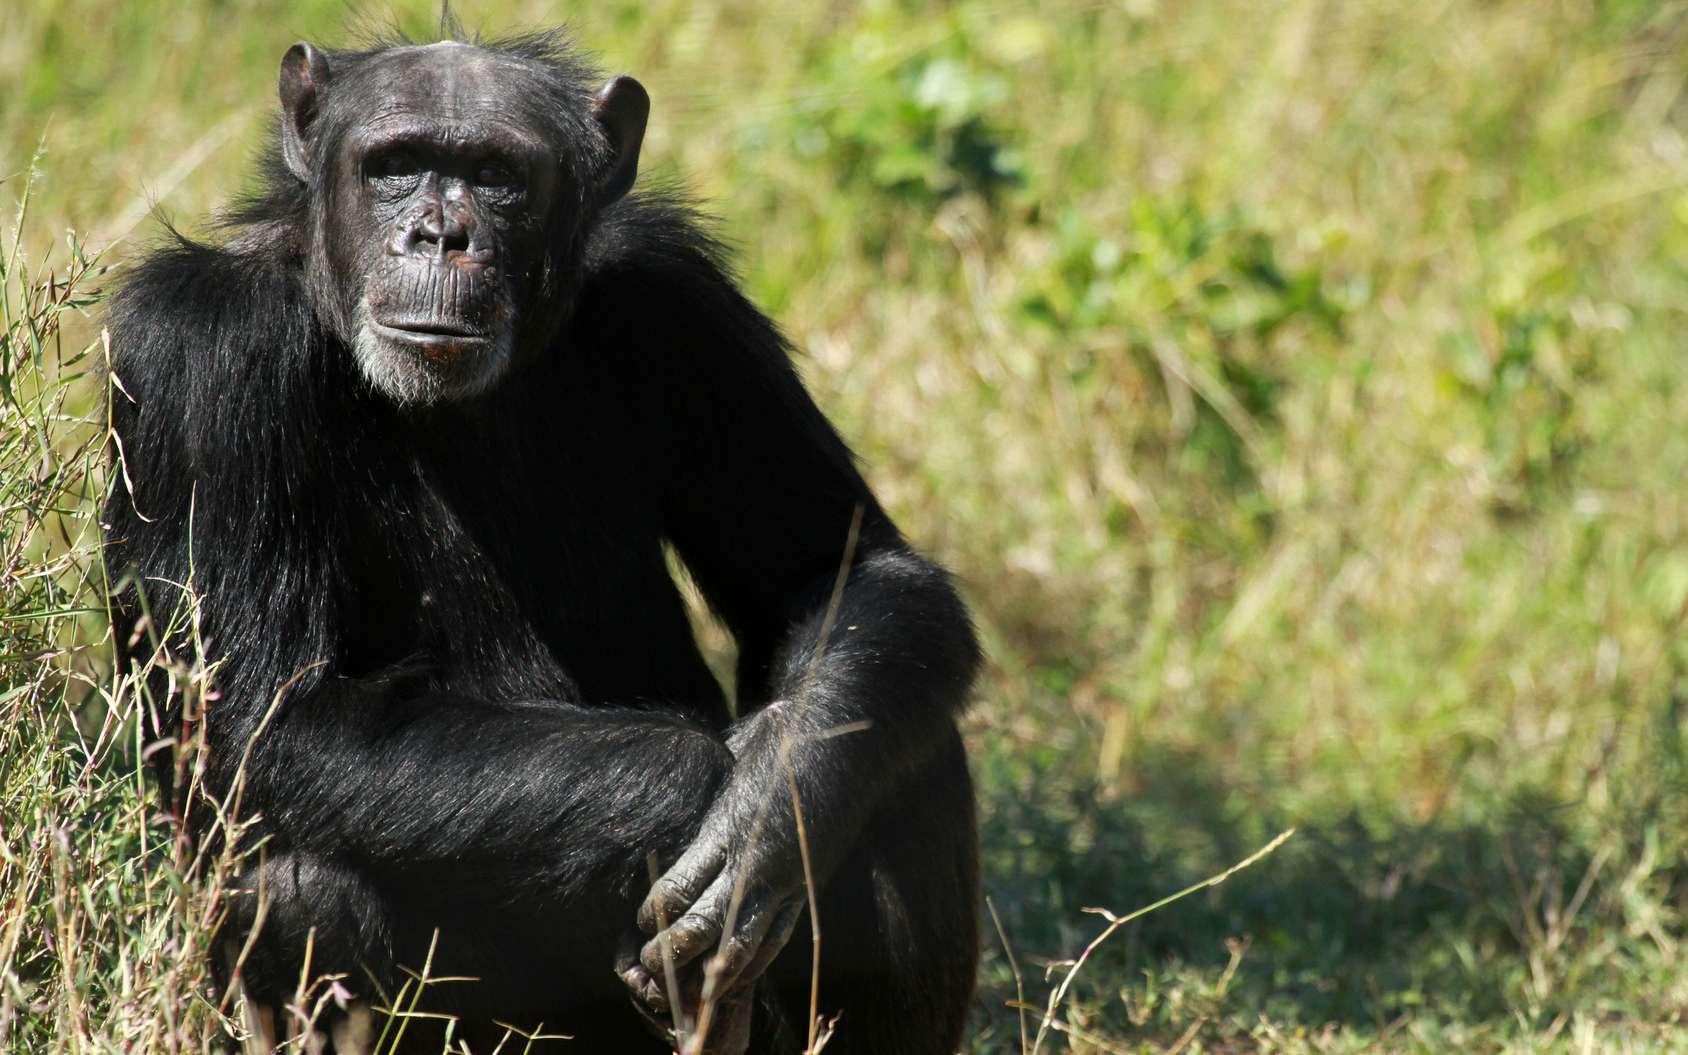 Hominines et panines (autrement dit les Hommes, les chimpanzés et les bonobos) sont membres de la sous-famille des homininés. Ils partagent 98,7 % de leur ADN. © bayazed, Fotolia